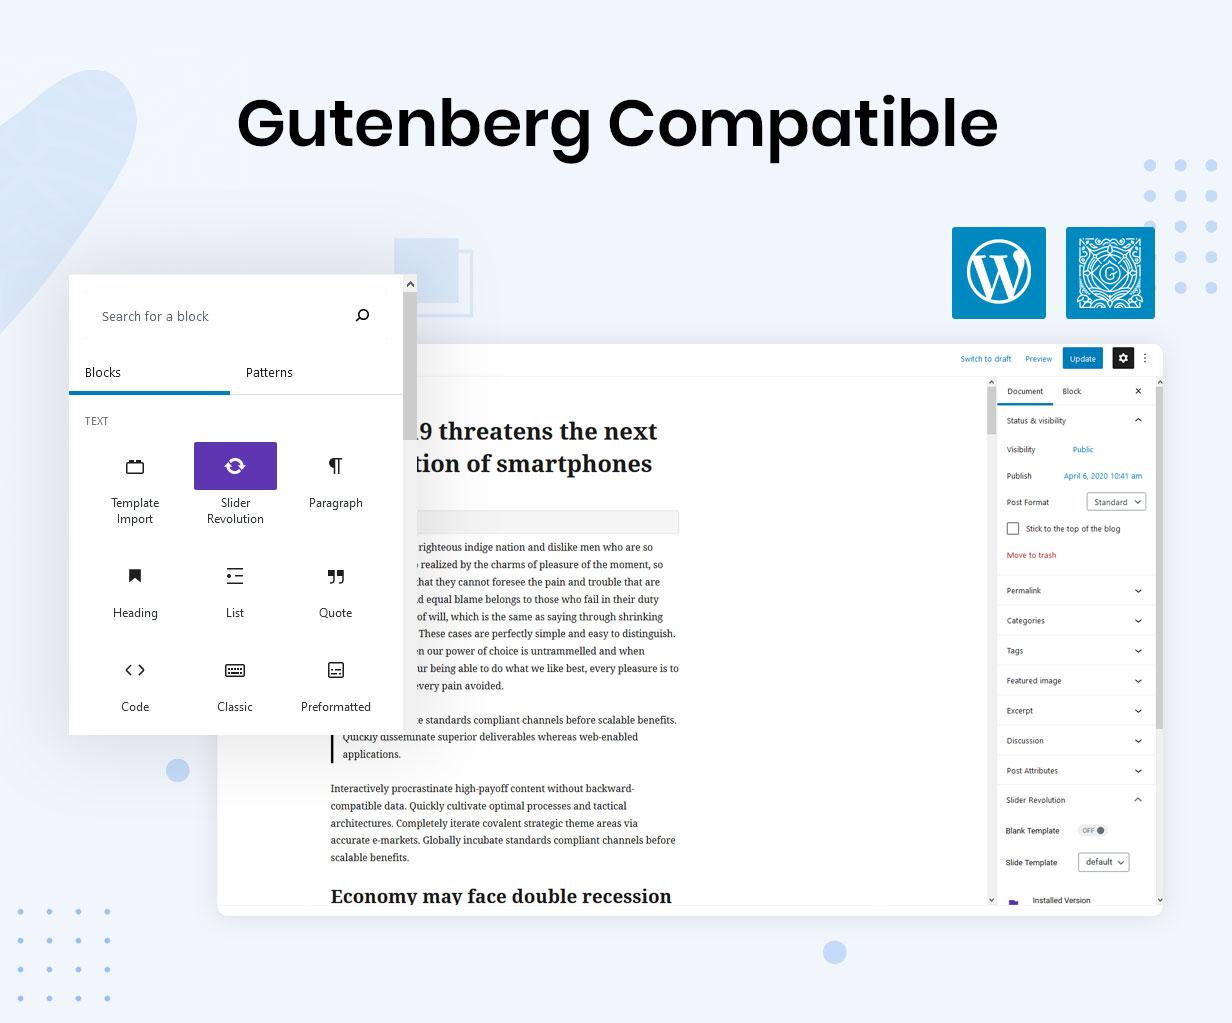 gutenburg 34 - Reobiz - Consulting Business WordPress Theme